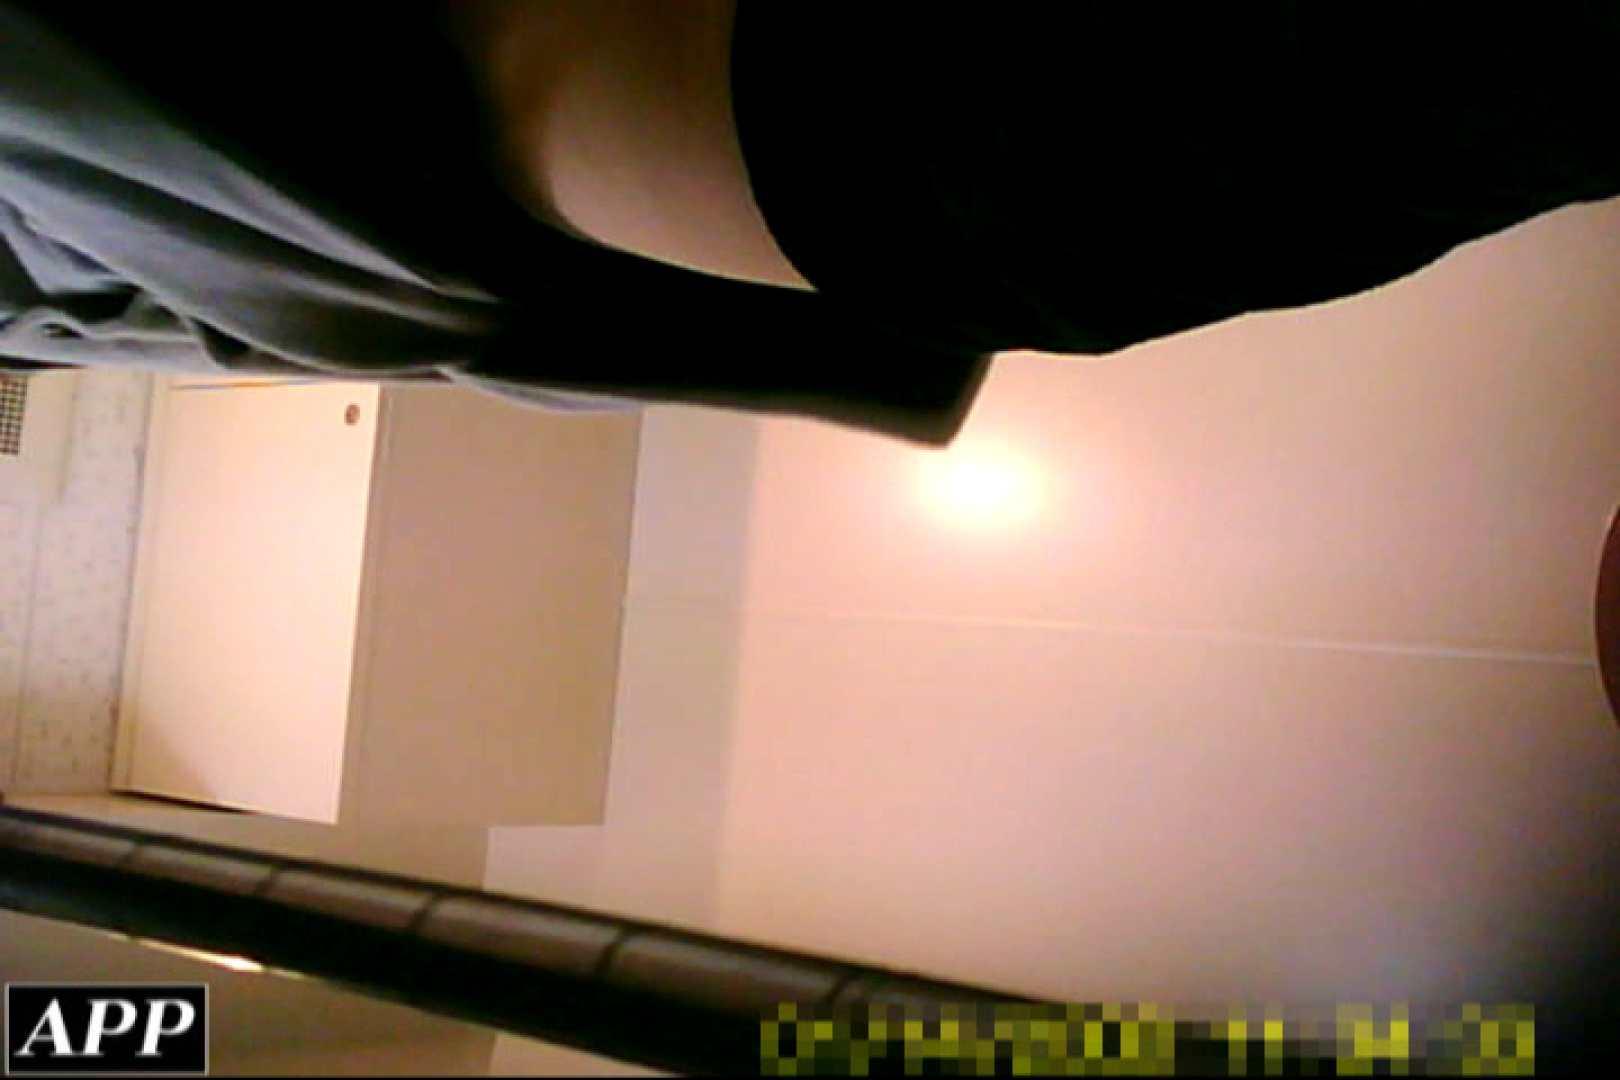 3視点洗面所 vol.54 盗撮特集 | 洗面所  57画像 21